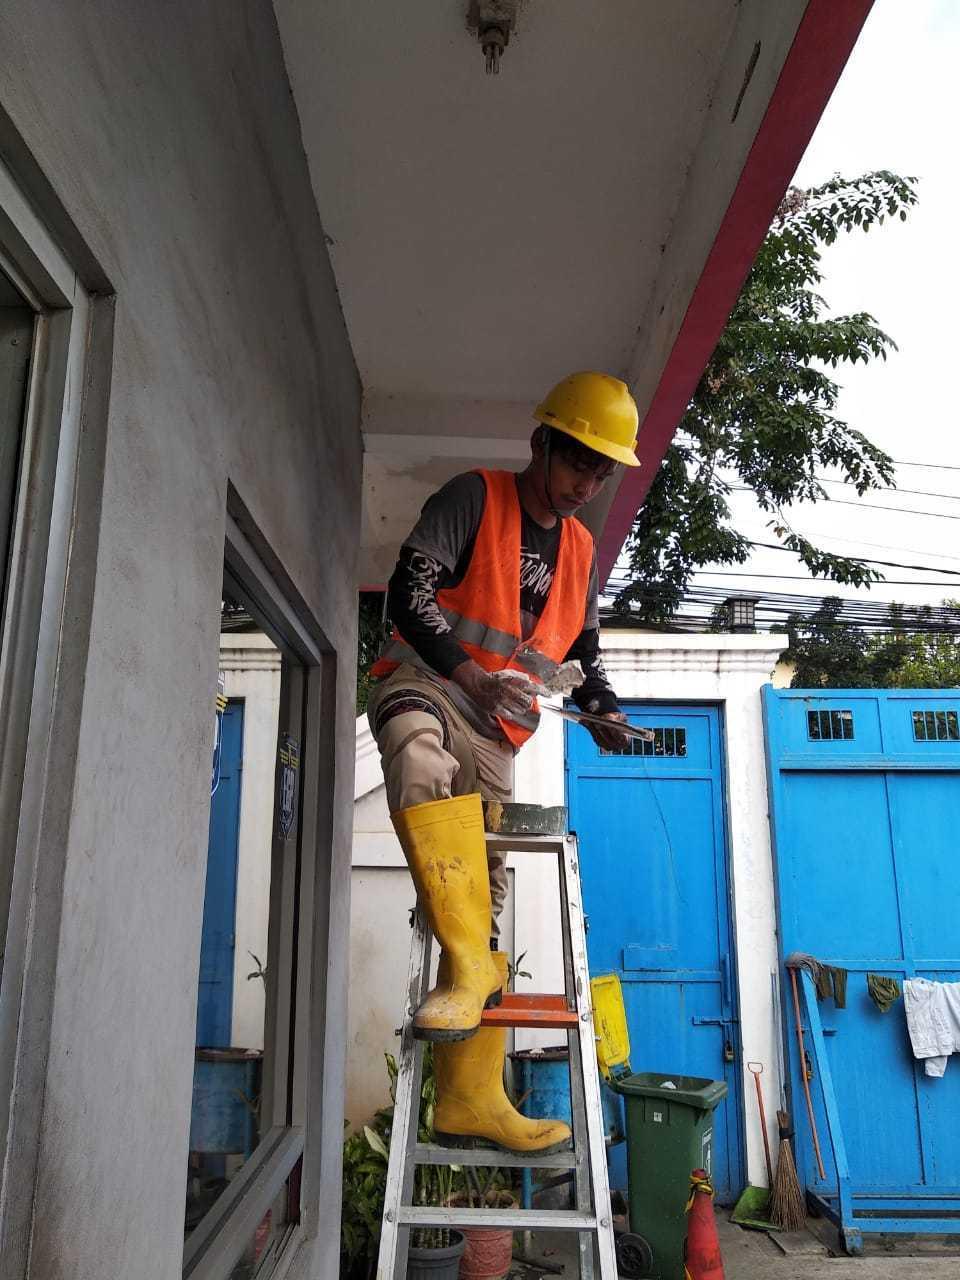 Jet Construction Renovasi Balkon Pt Sgl Kec. Klp. Gading, Kota Jkt Utara, Daerah Khusus Ibukota Jakarta, Indonesia Kec. Klp. Gading, Kota Jkt Utara, Daerah Khusus Ibukota Jakarta, Indonesia Jet-Construction-Renovasi-Balkon-Pt-Sgl   106969